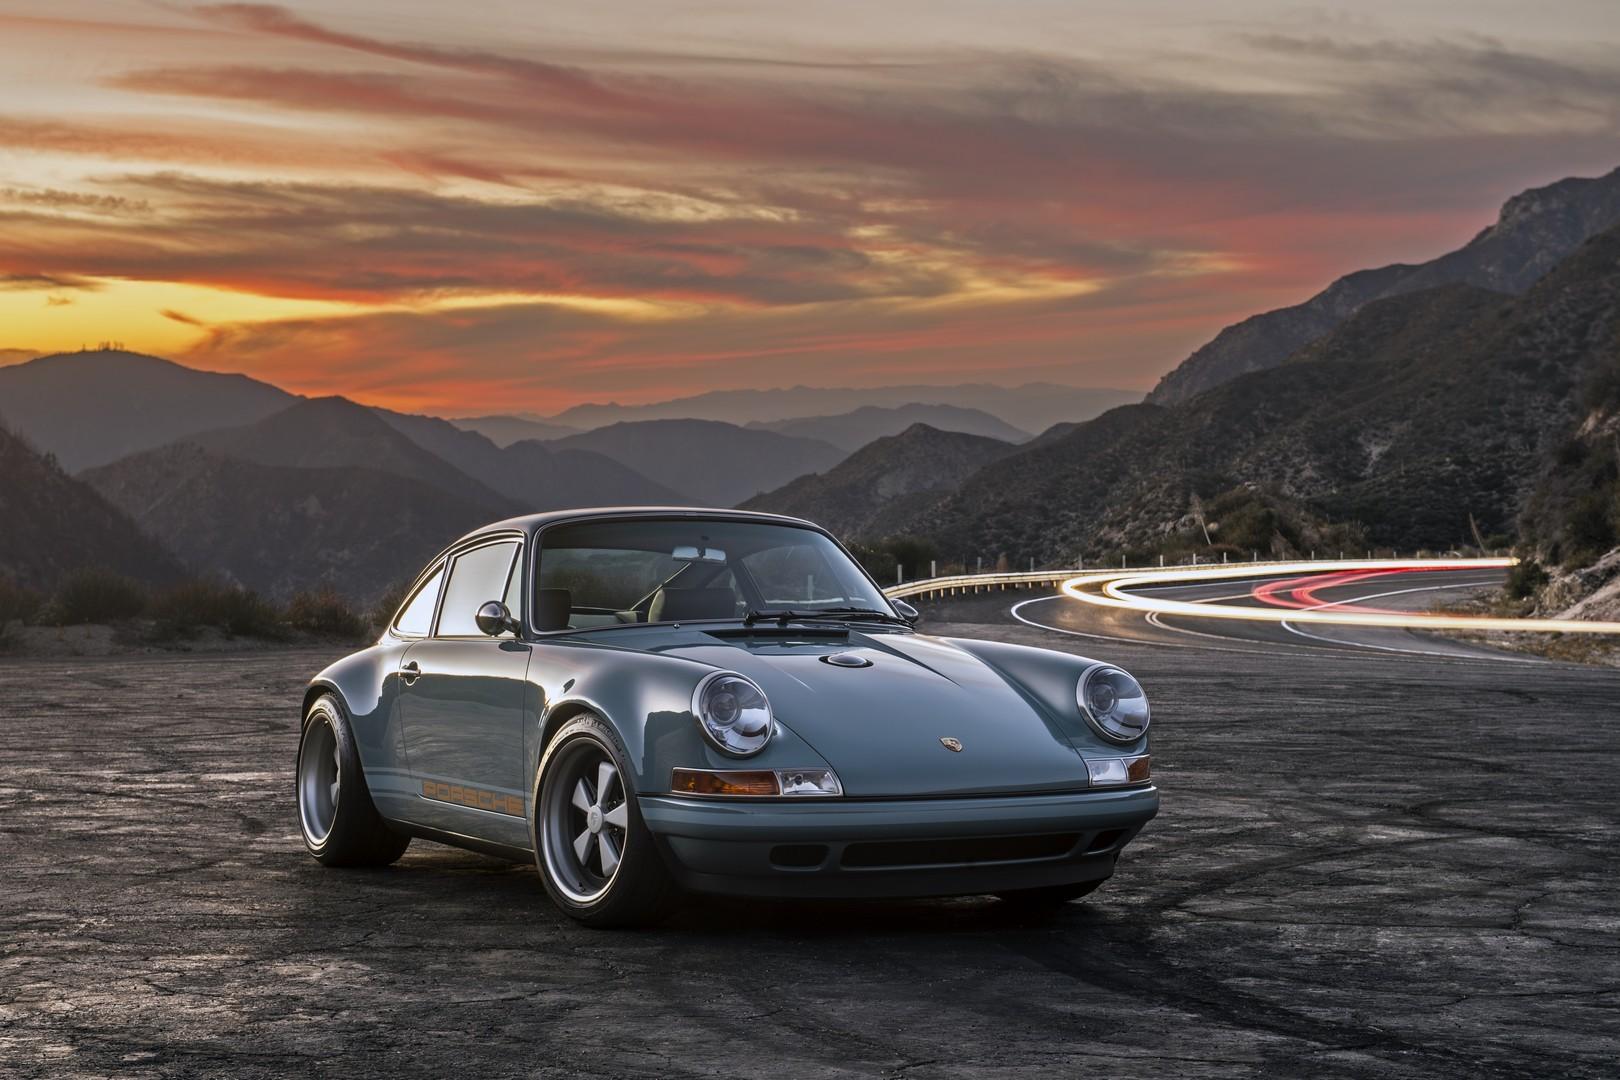 Singer Porsche 911 Duo Is Restomod Coolness Autoevolution